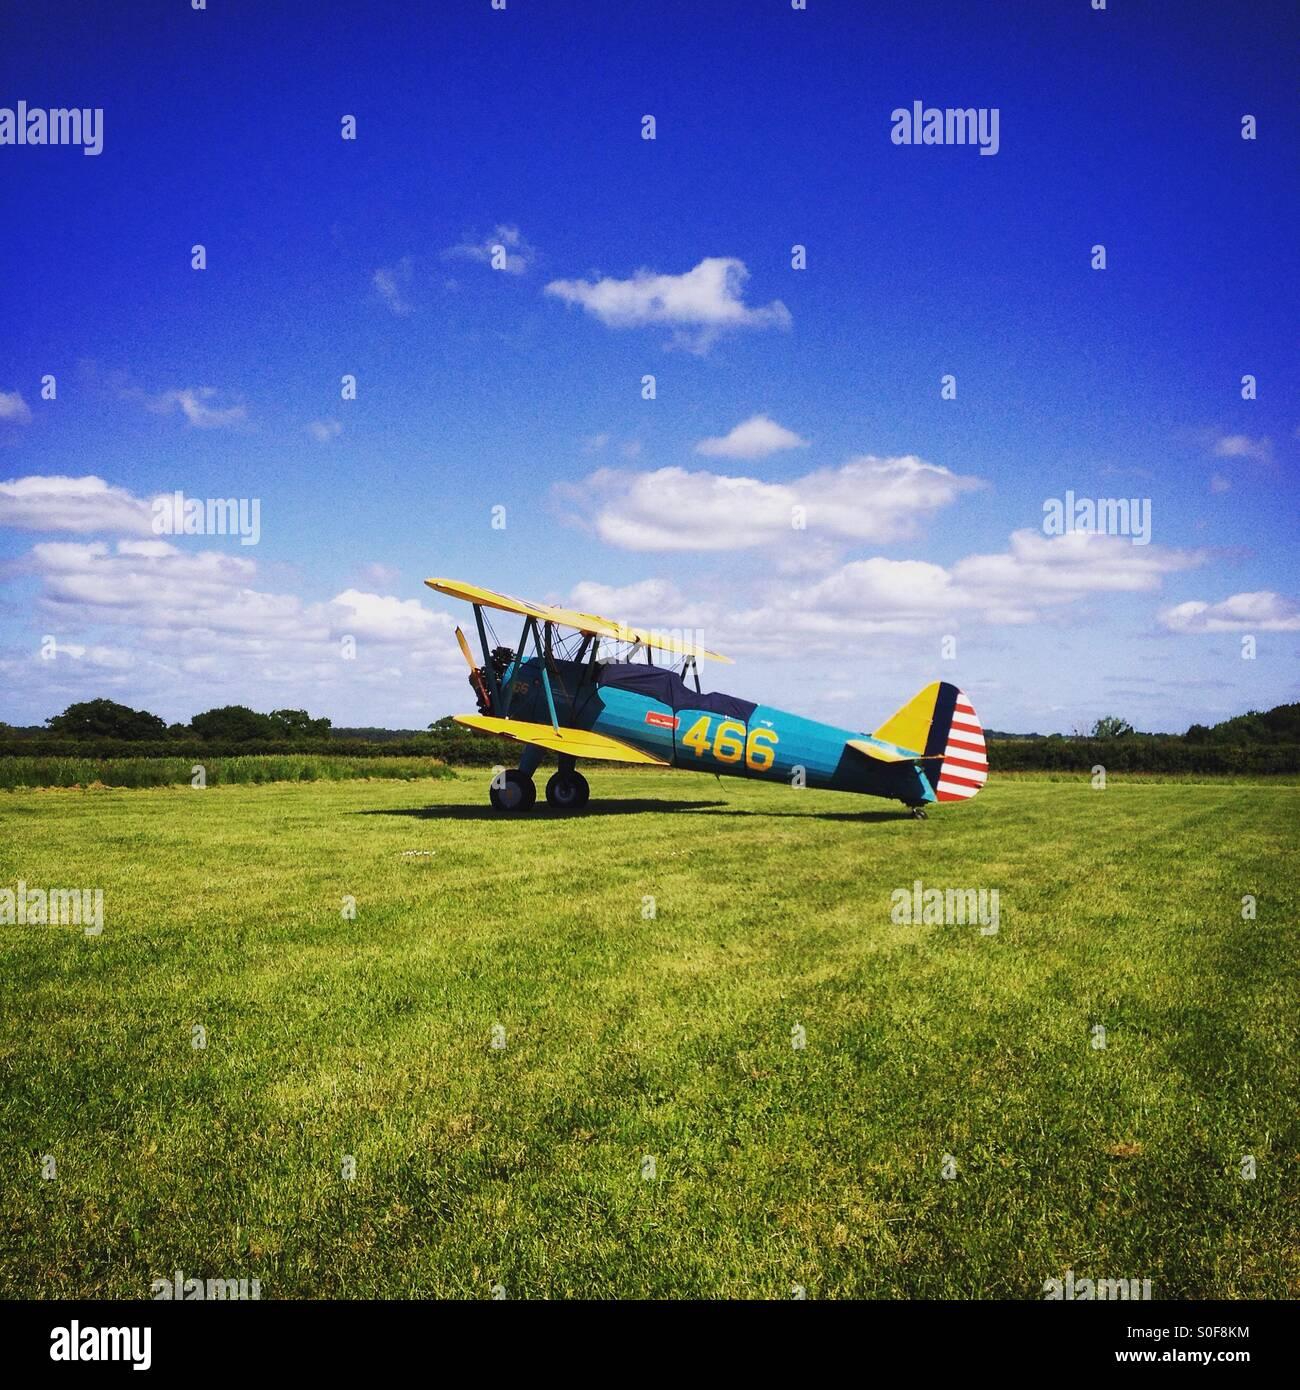 Boeing Stearman biplane Stock Photo